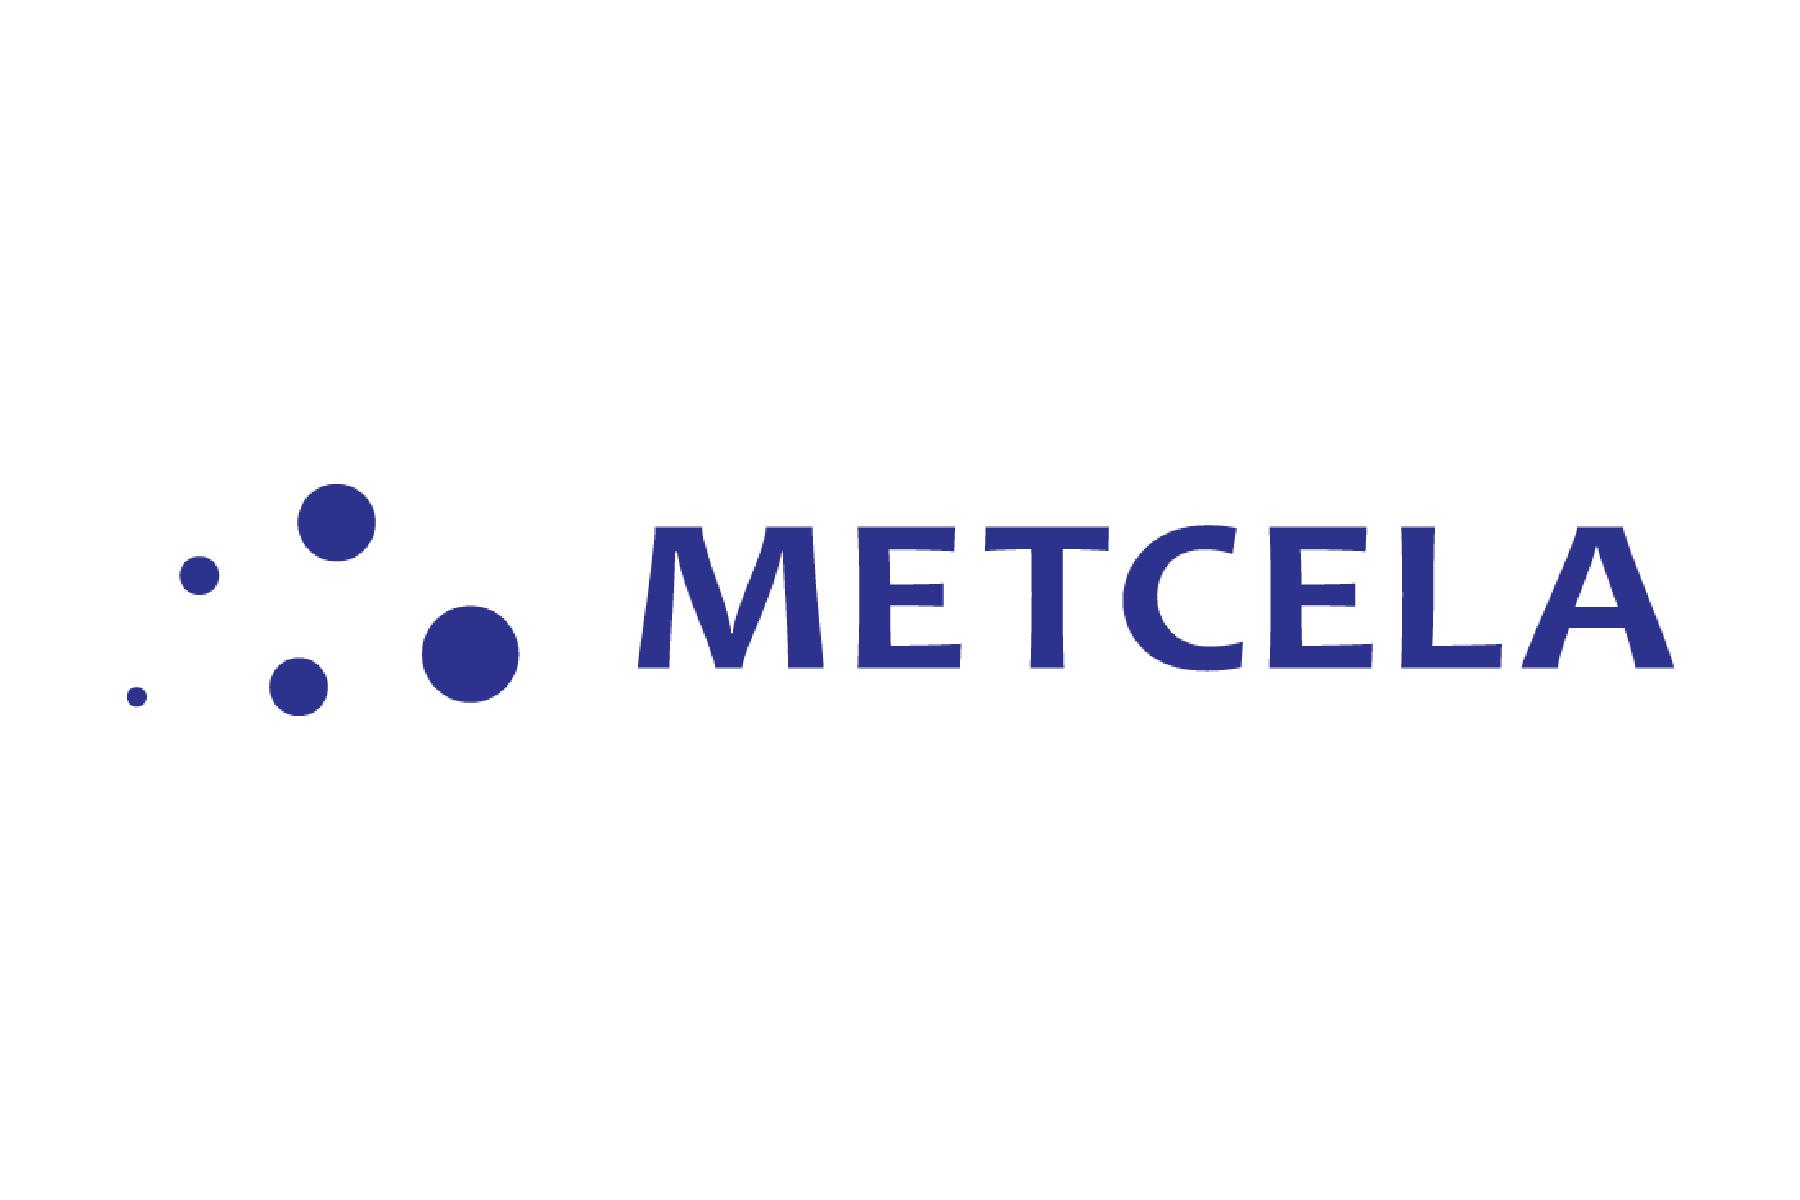 メトセラ、心不全向け製品の臨床試験開始に向けて総額4.3億円の資金調達を完了